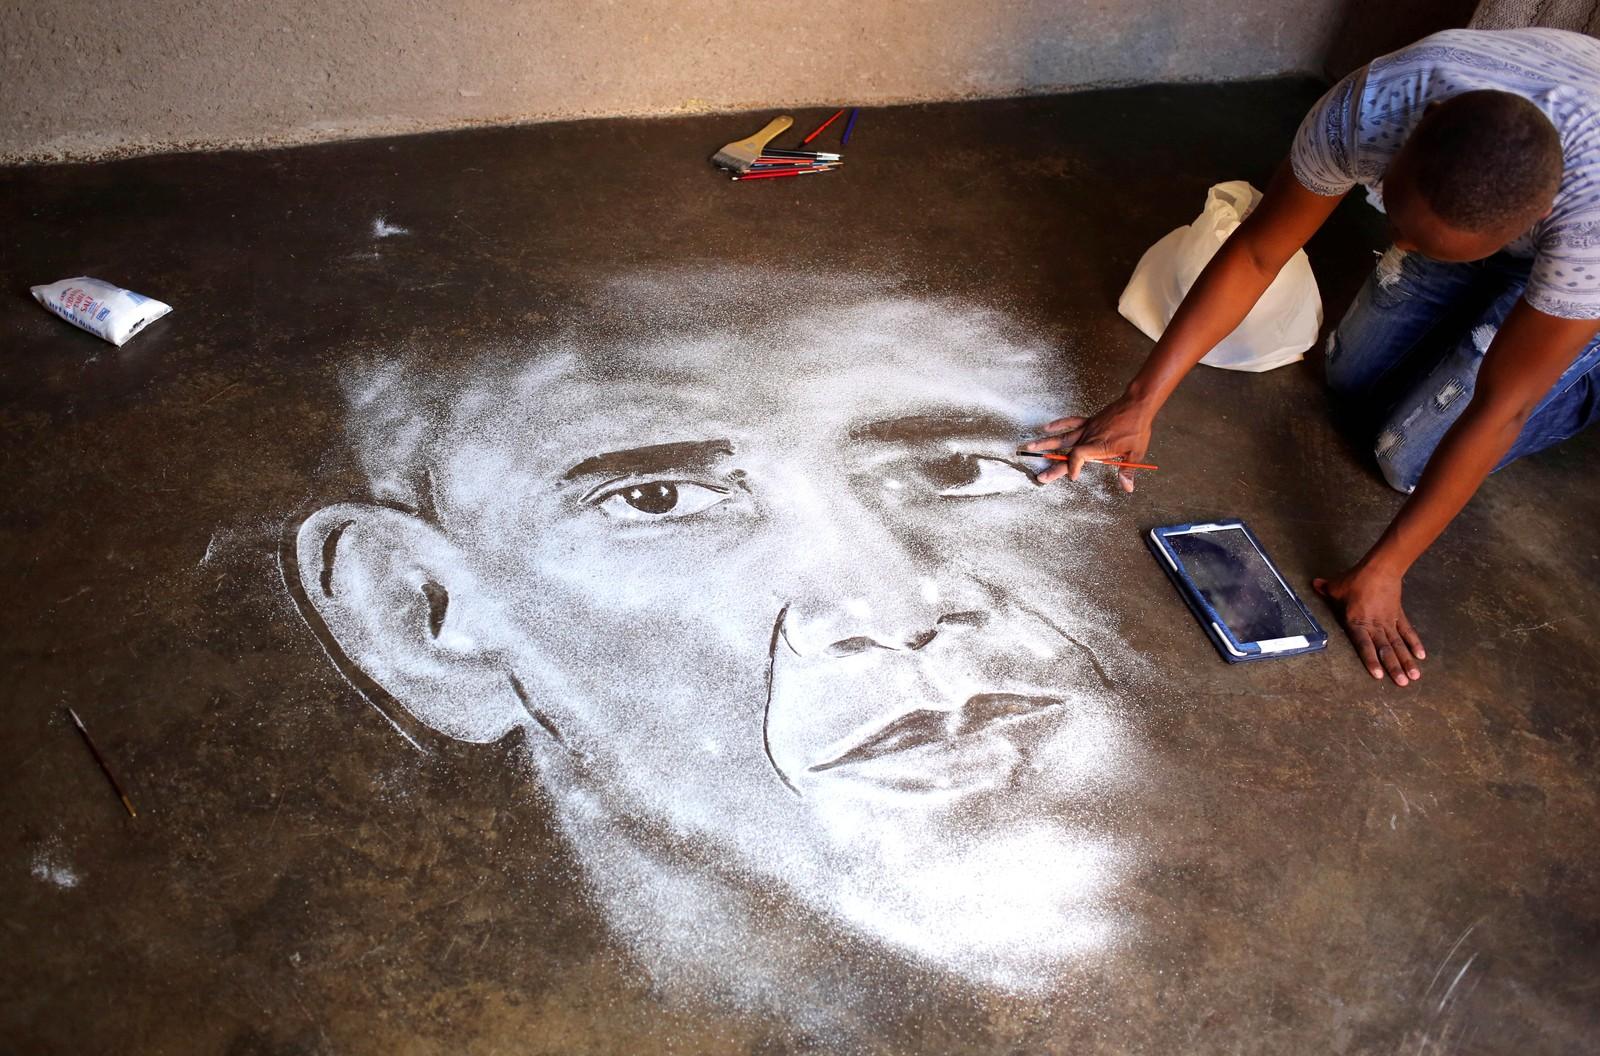 Percy Maimela er en selvlært kunstner. Her lager han et bilde av Barack Obama ved hjelp av salt hjemme i Pretoria i Sør-Afrika.